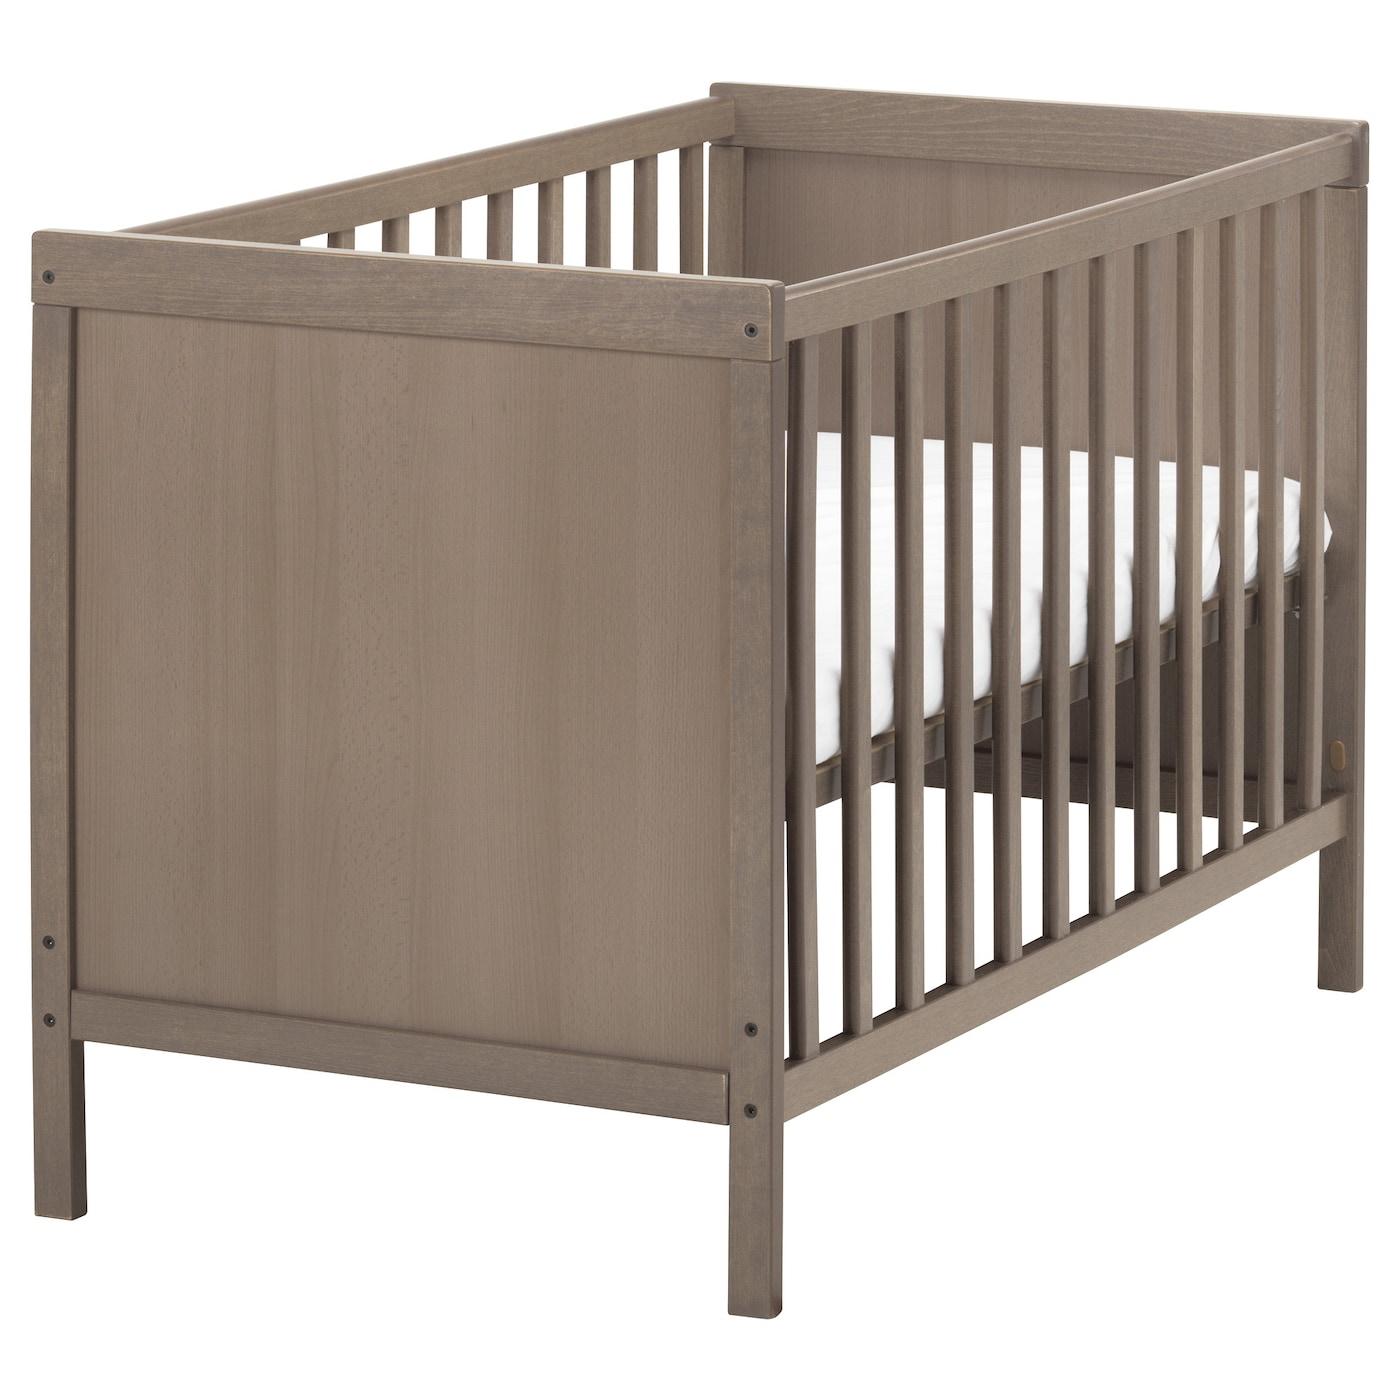 sundvik cot grey brown 70x140 cm ikea. Black Bedroom Furniture Sets. Home Design Ideas